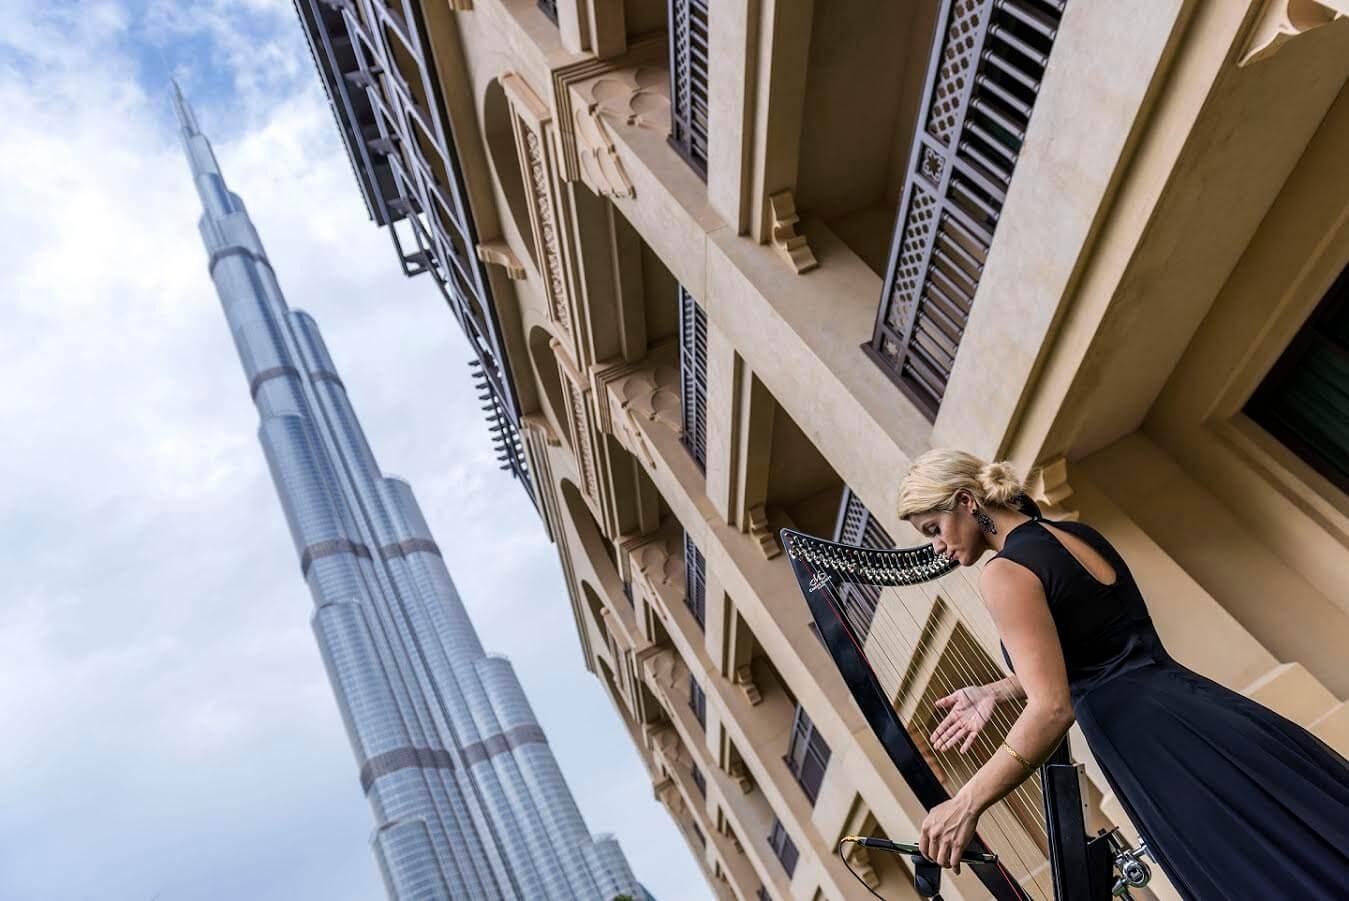 صورة فندق ذي بالاس وسط دبي يقدم امسيات شاي مستوحاة من بولغاري و أو بارفوميه